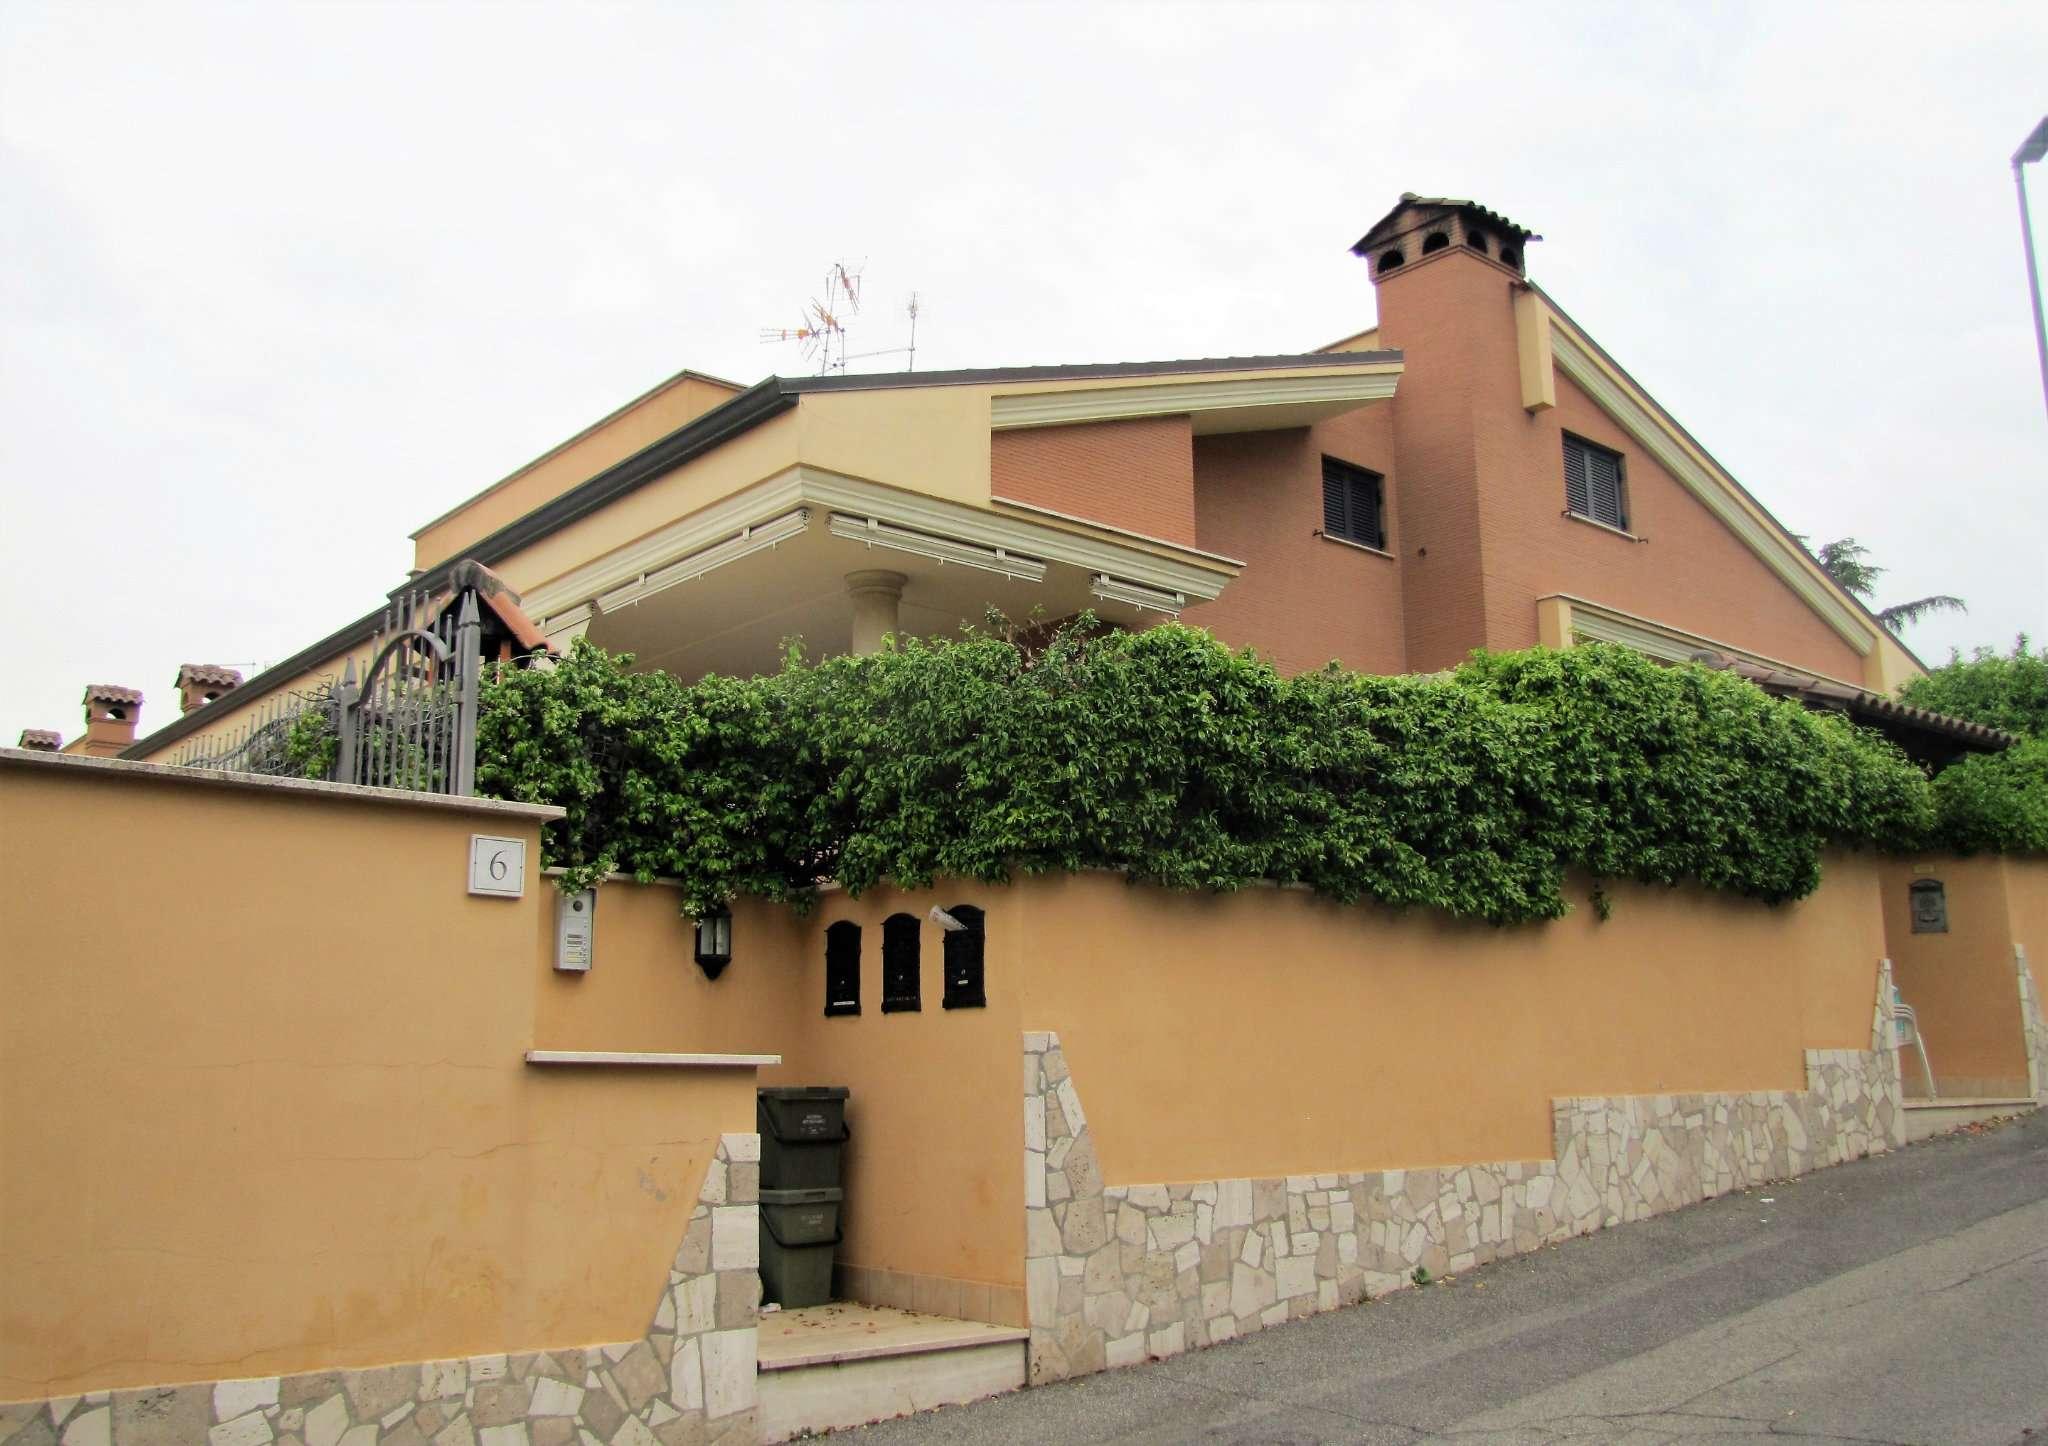 Foto 1 di Villa a Schiera via MITTA 6, Roma (zona Finocchio - Torre Gaia - Tor Vergata)